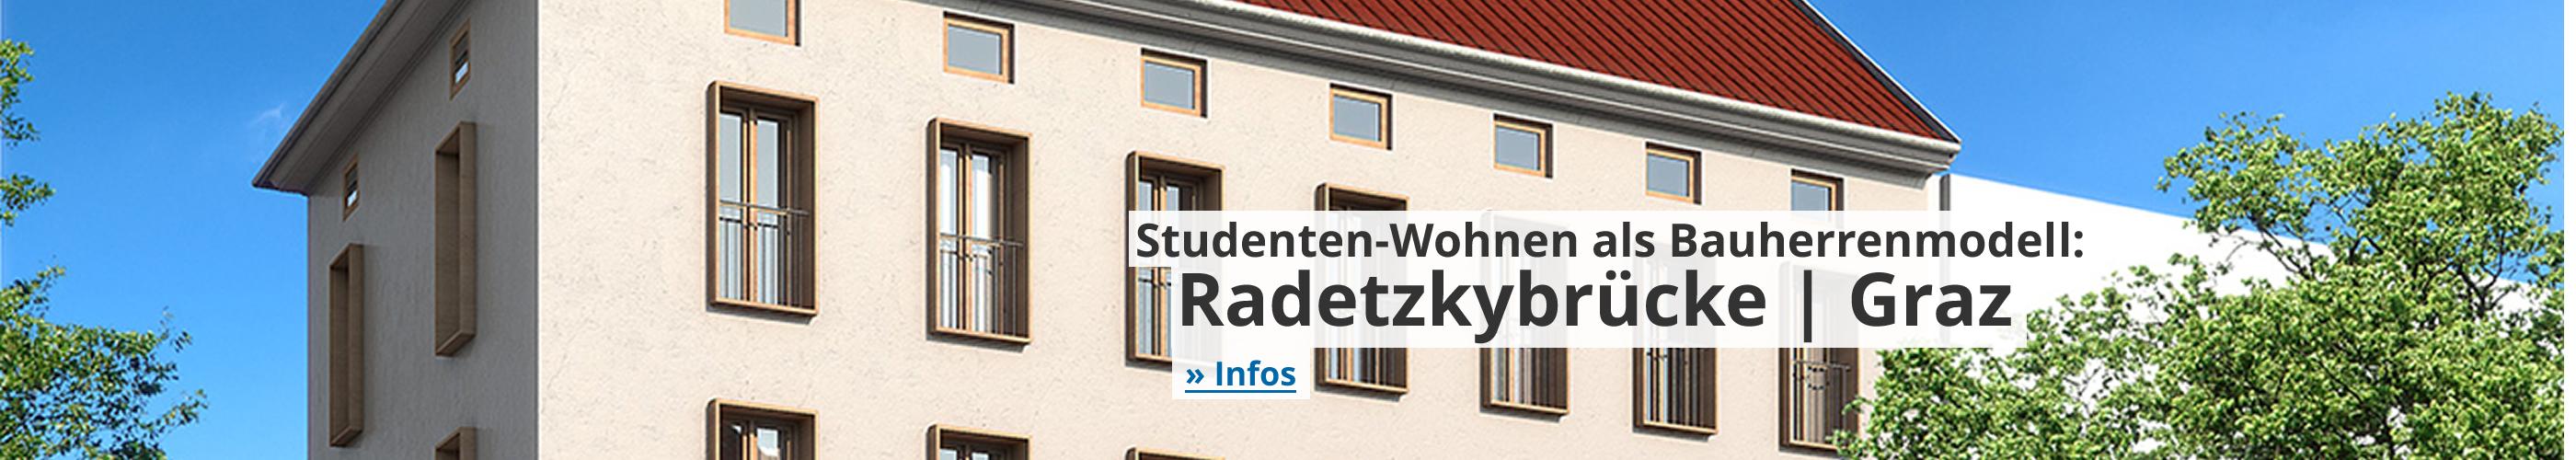 Studenten-Wohnen Radetzkybrücke